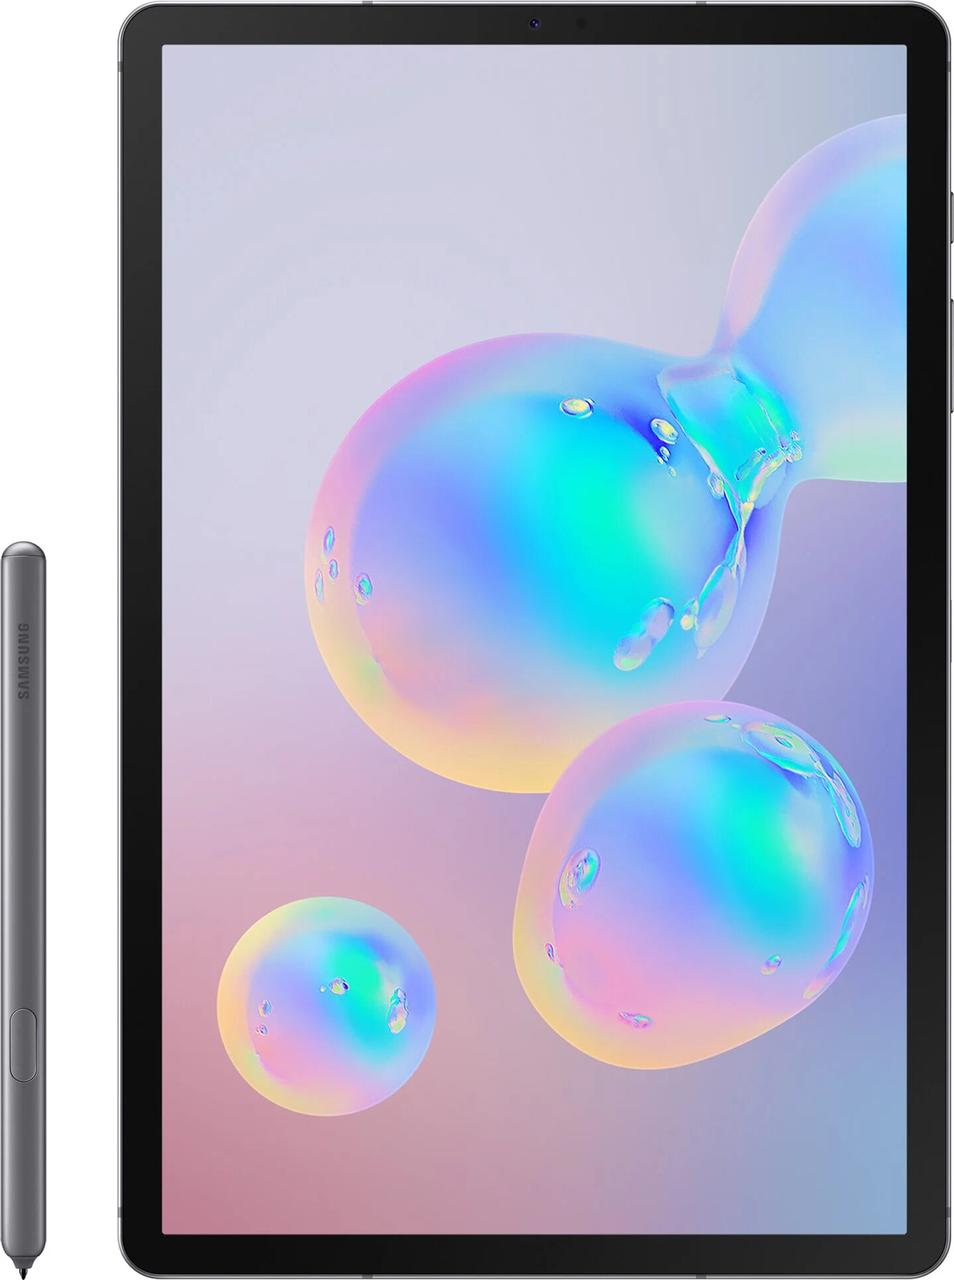 Galaxy Tab S6 10.5″ 6/128Gb (Wi-Fi + Cellular LTE) EAC